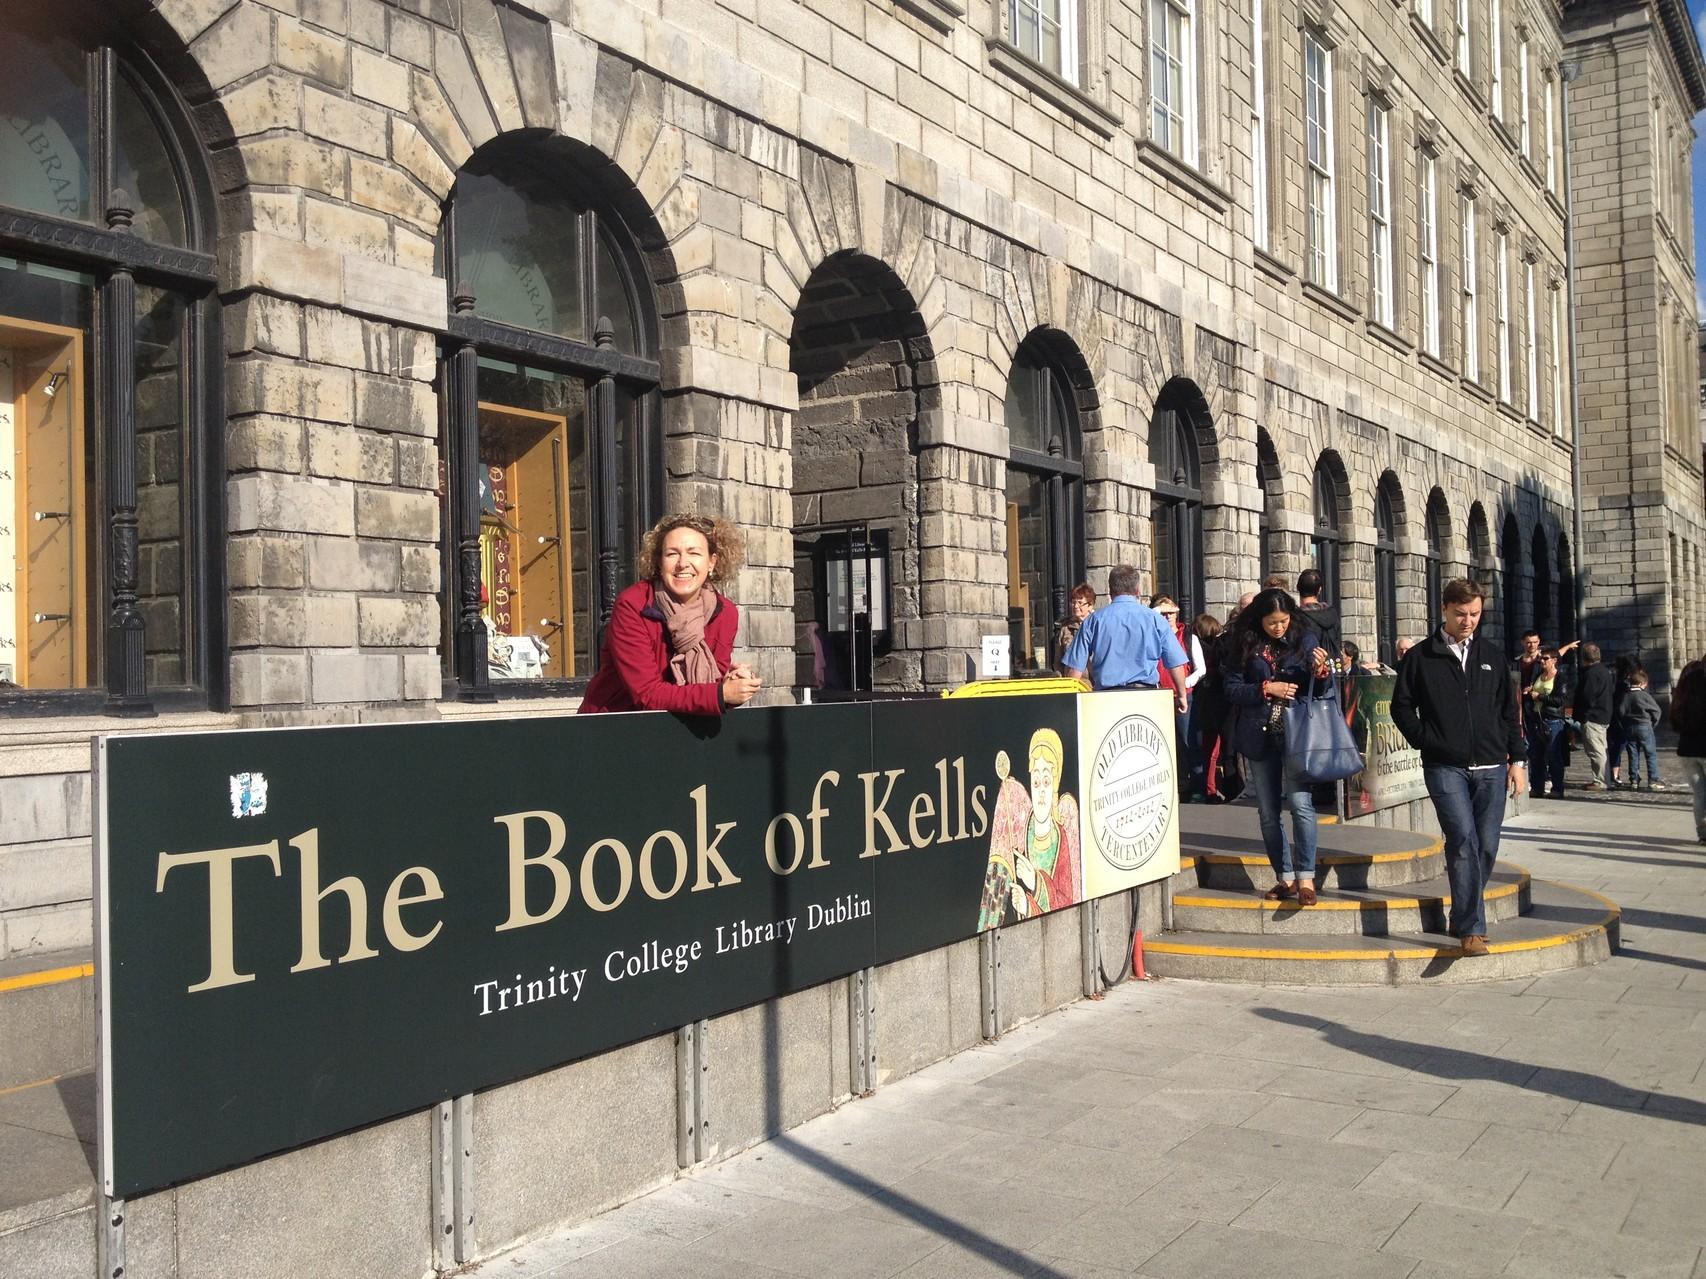 Ziel: das Book of Kells, eines der schönsten Bücher der Welt